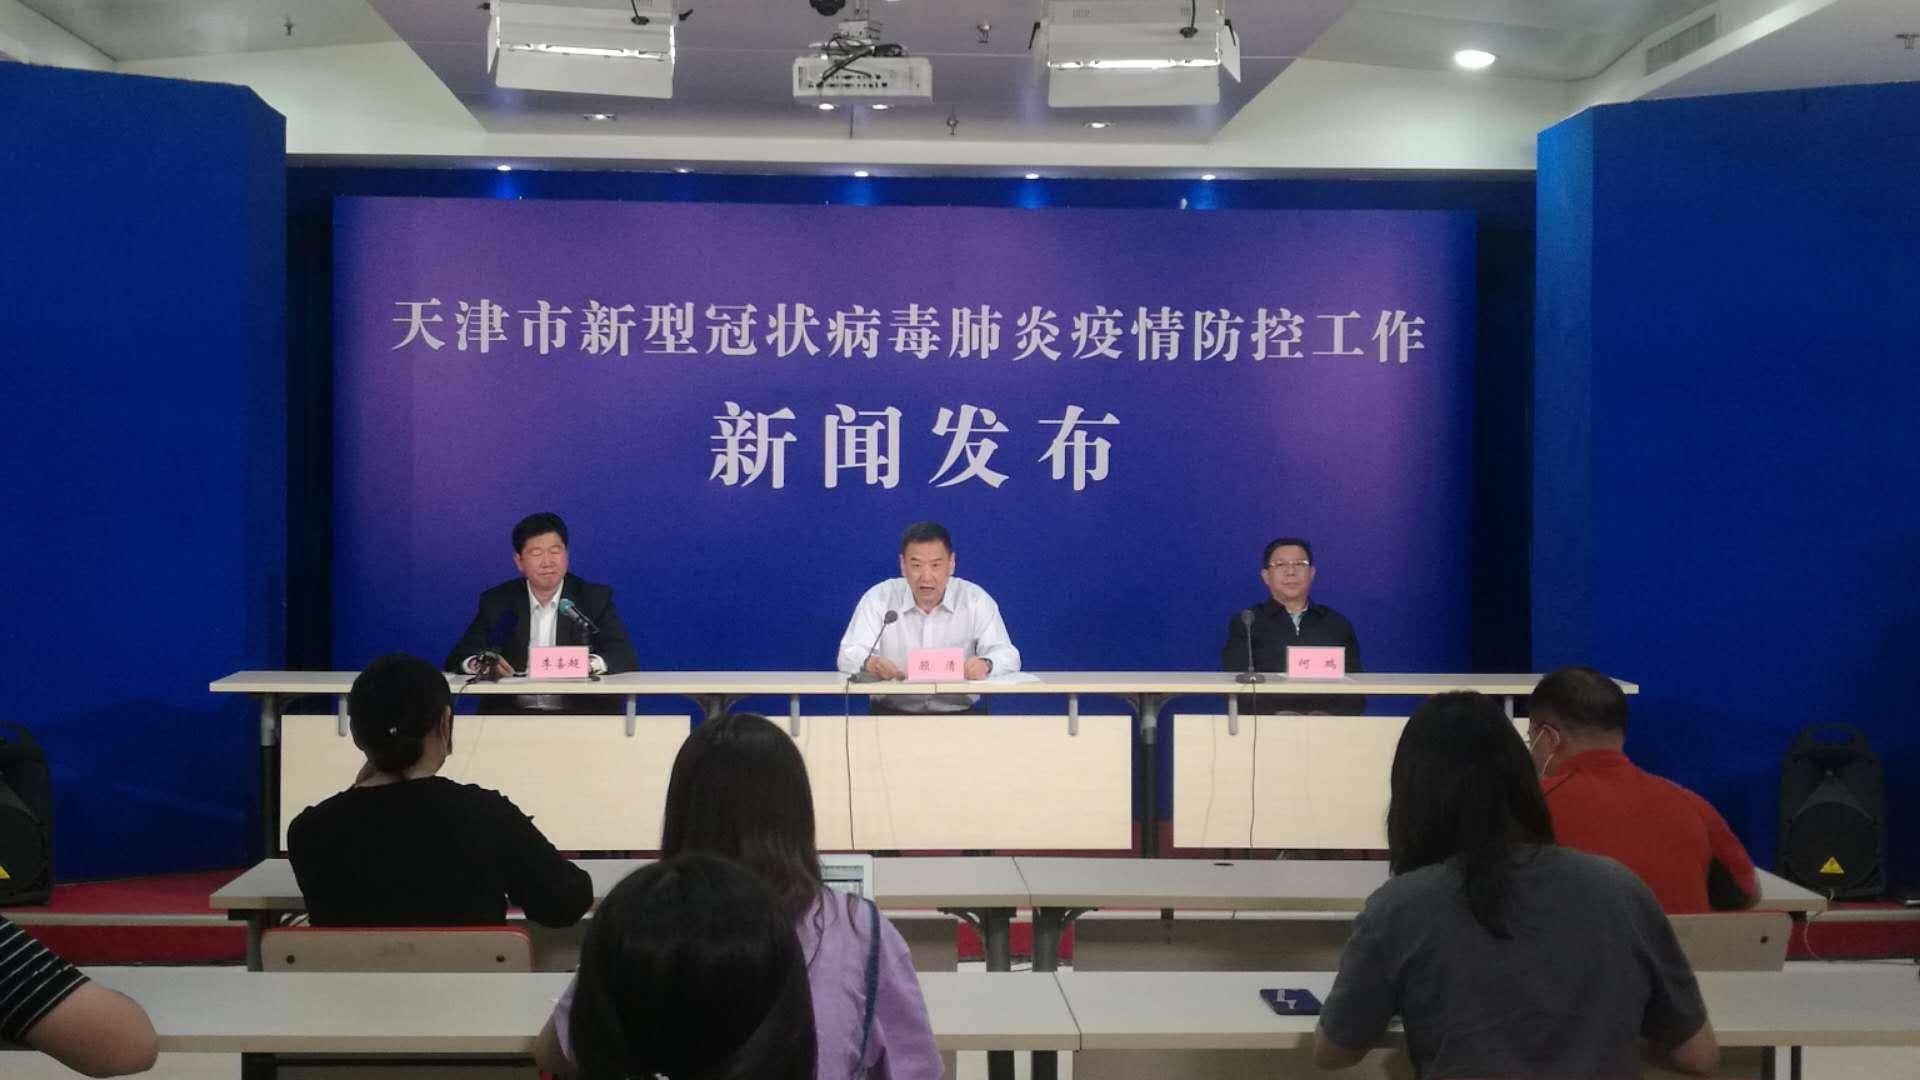 天津:应急响应调整  聚焦七大变化